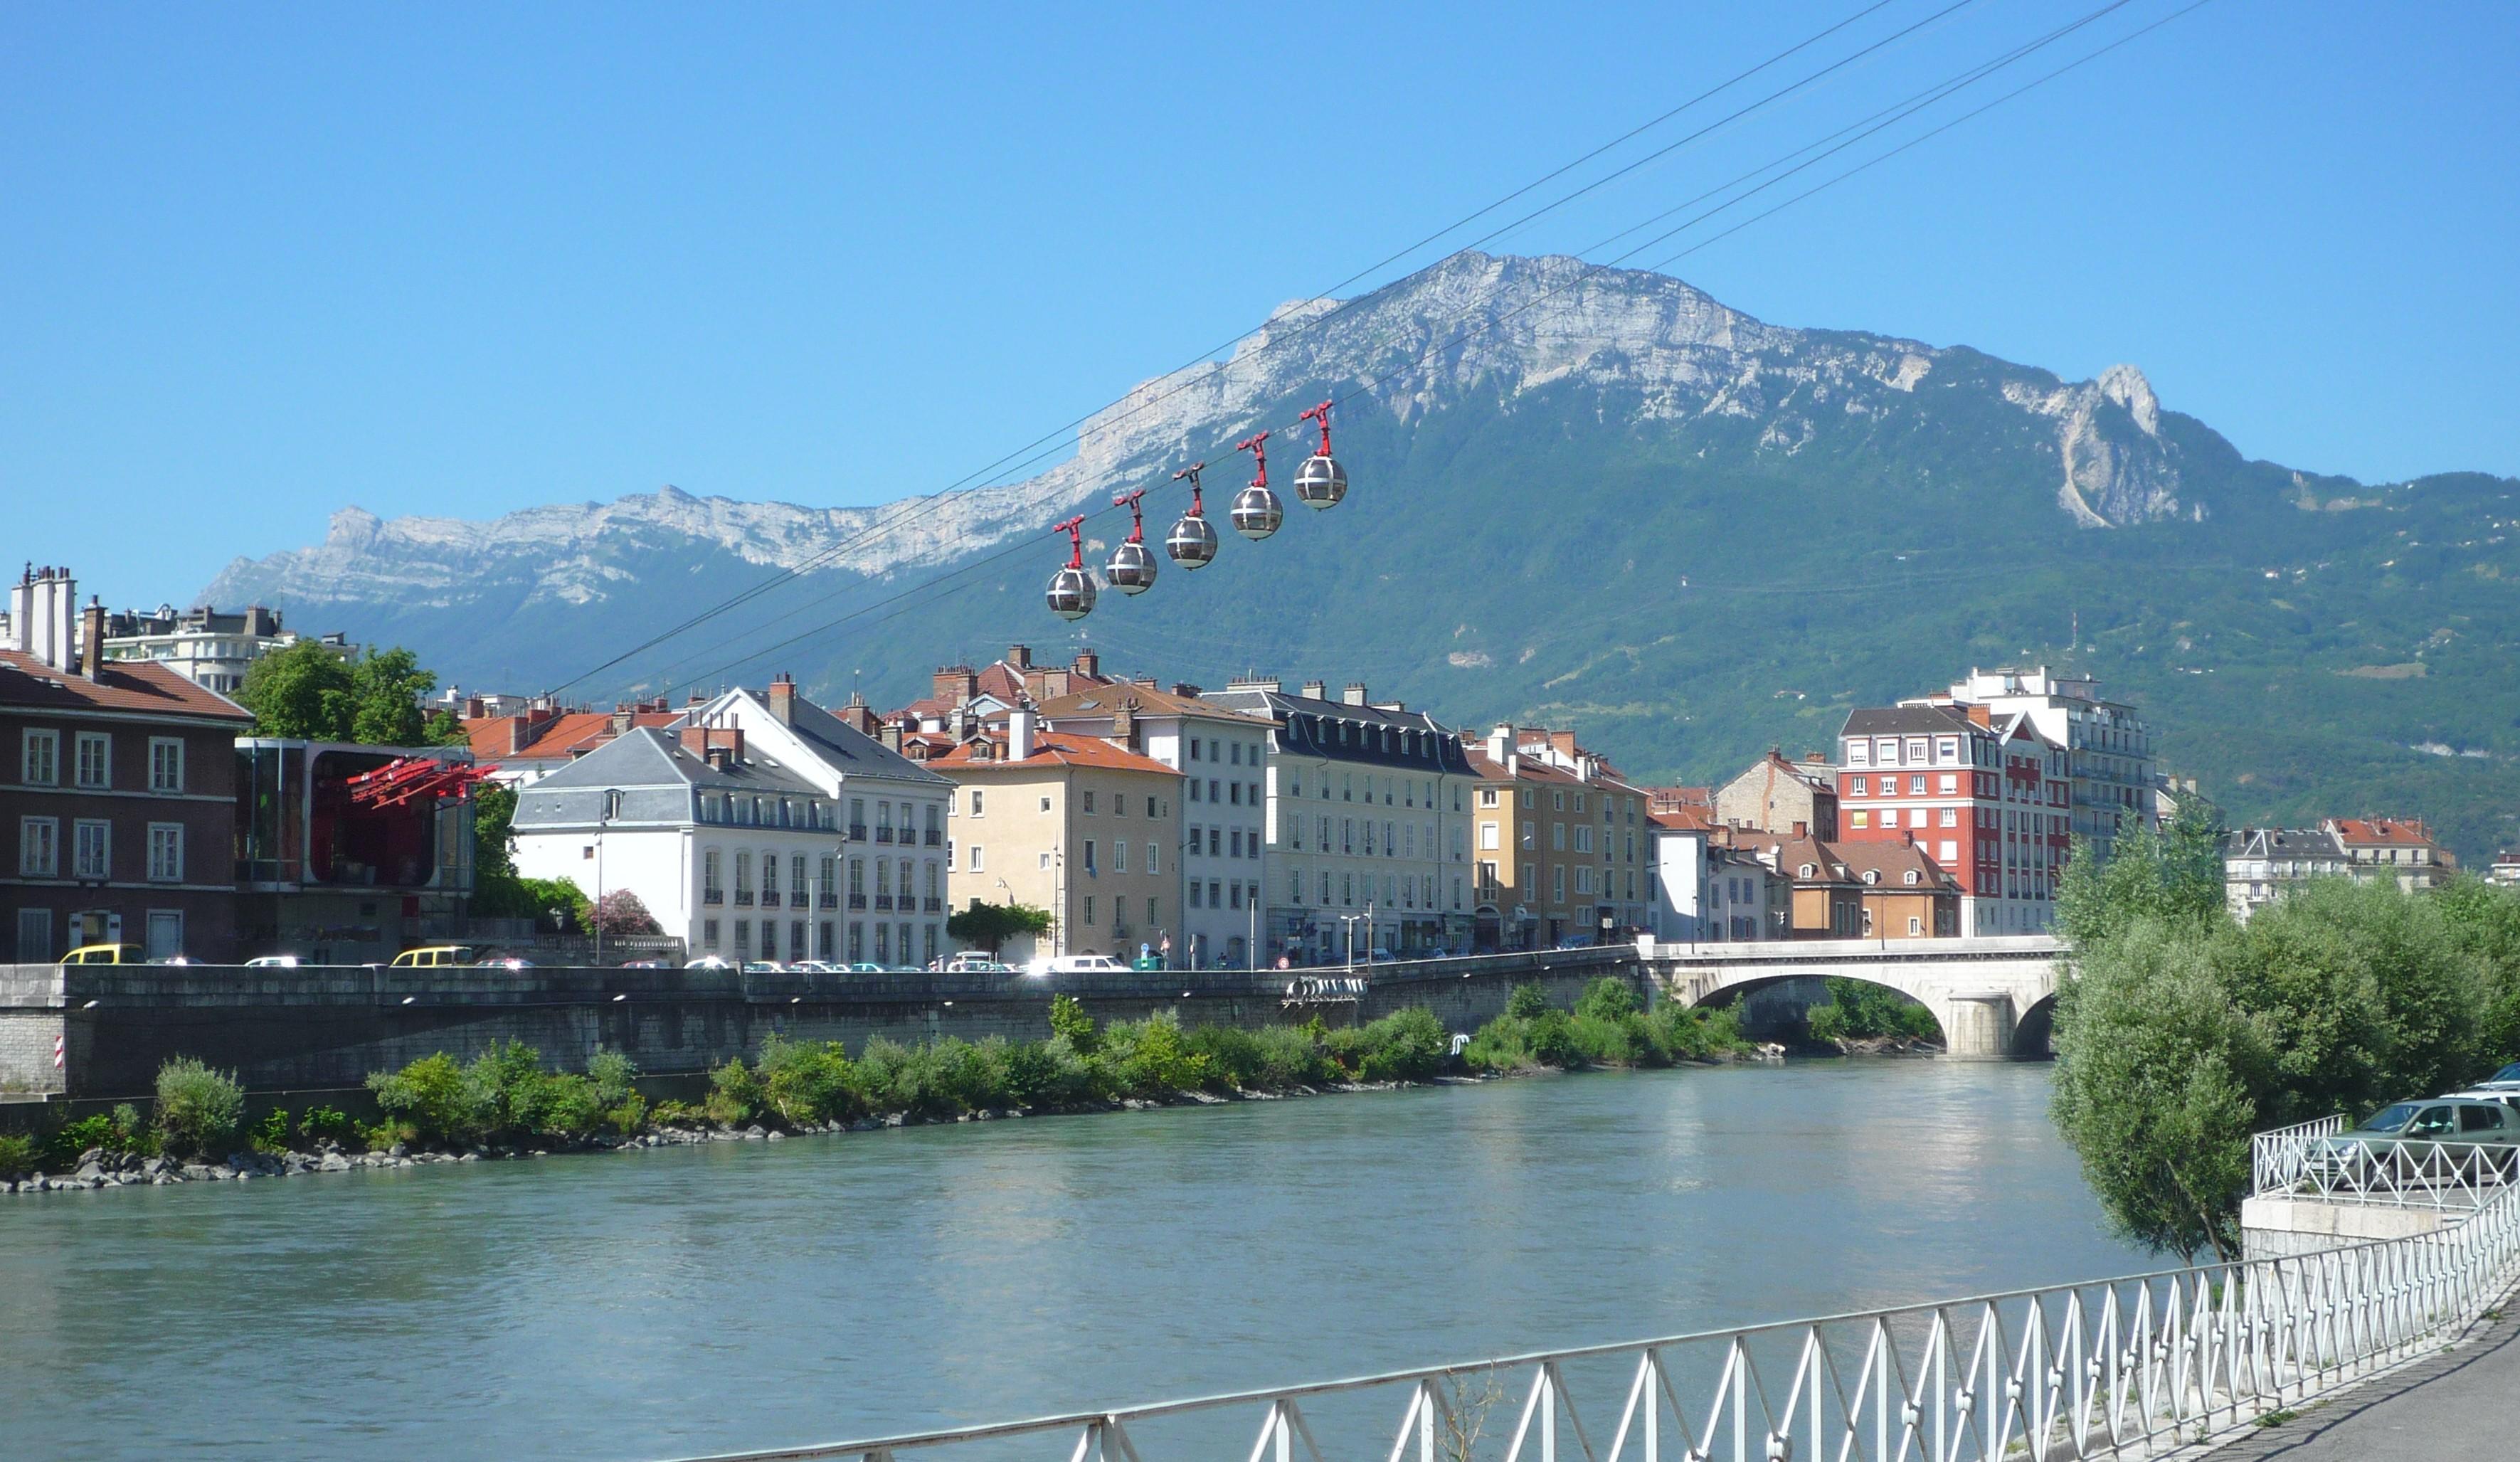 Comme à Grenoble, l'Etat vend des terrains pour construire des logements